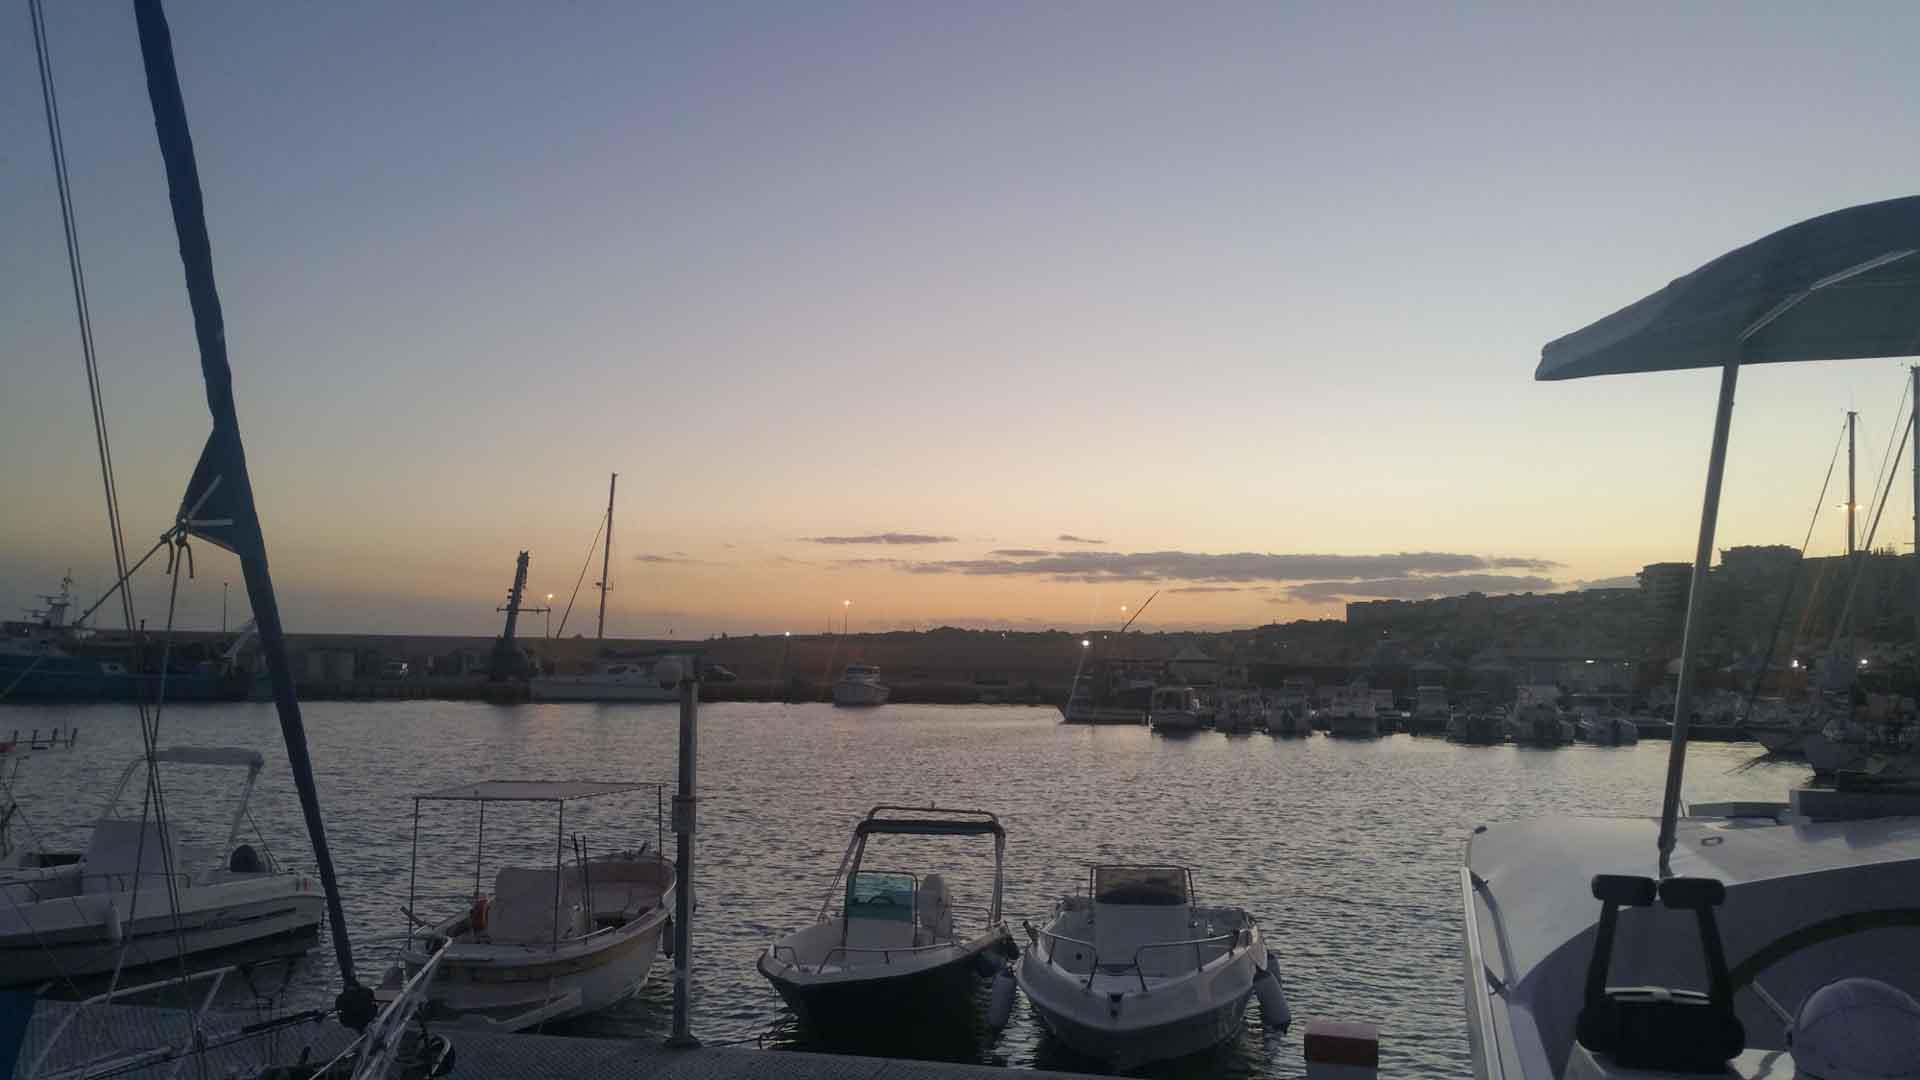 Sciacca porto tramonto periplo Sicilia Fontaine Pajot Saba 50 catamarano barca a vela